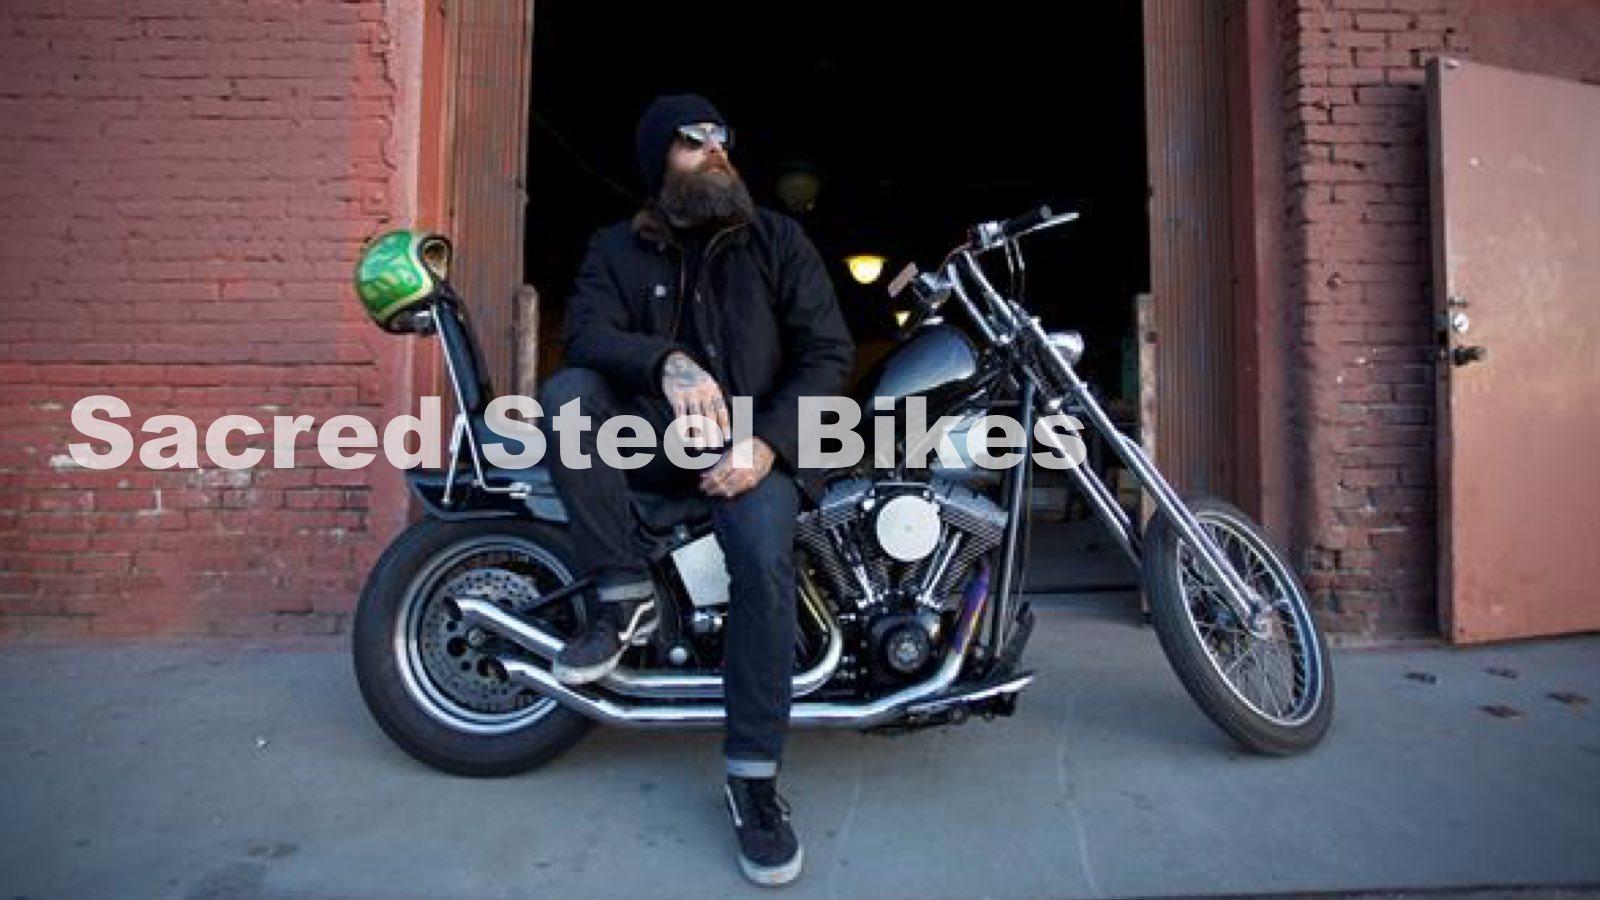 Sacred Steel Bikes